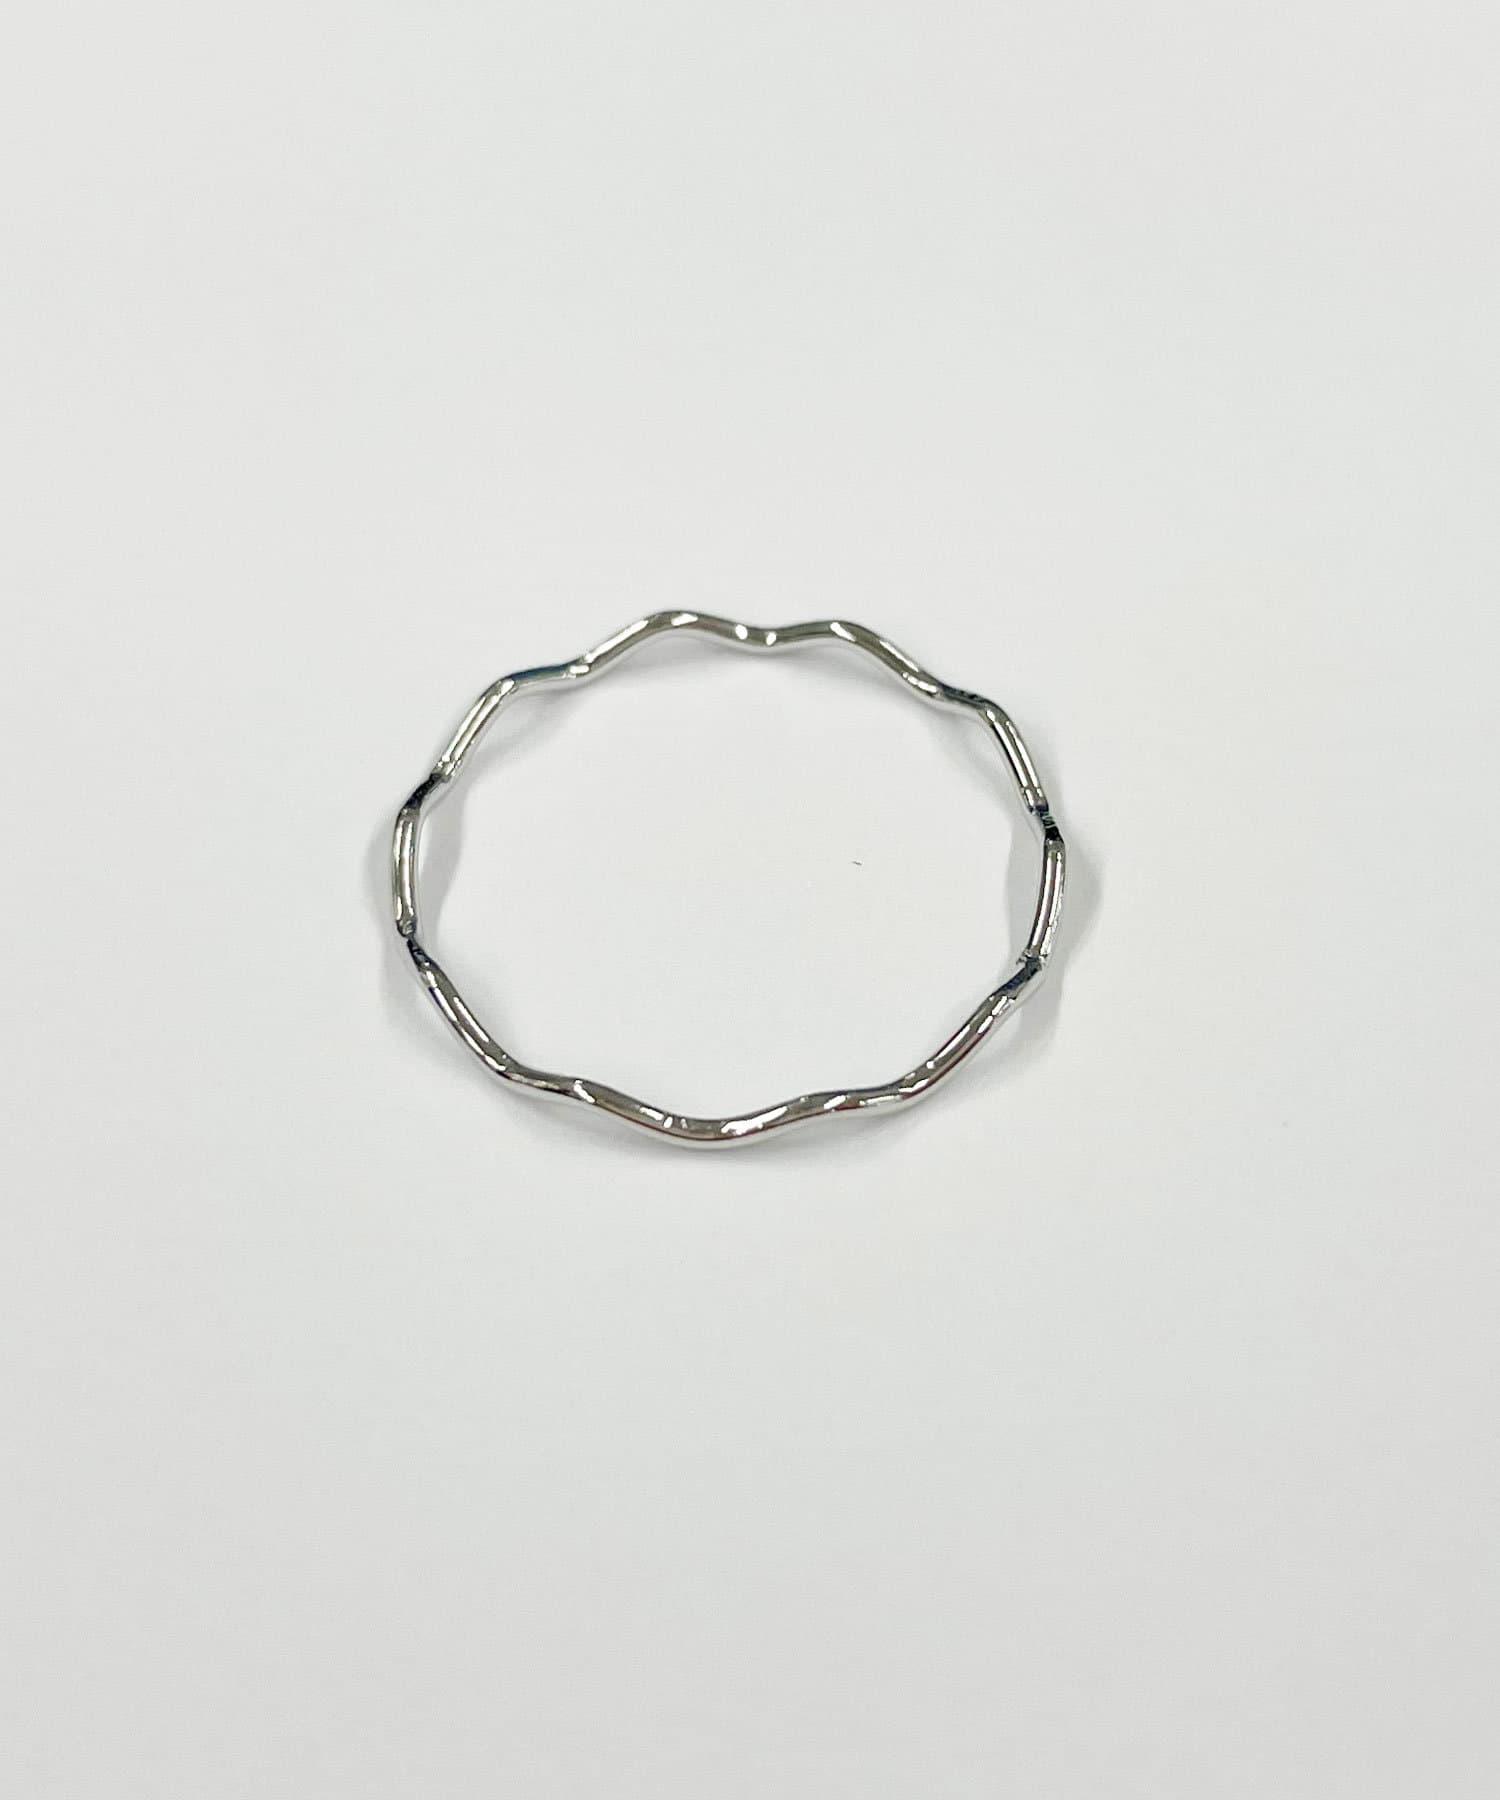 Lattice(ラティス) 【WEB限定】シンプルセットリング